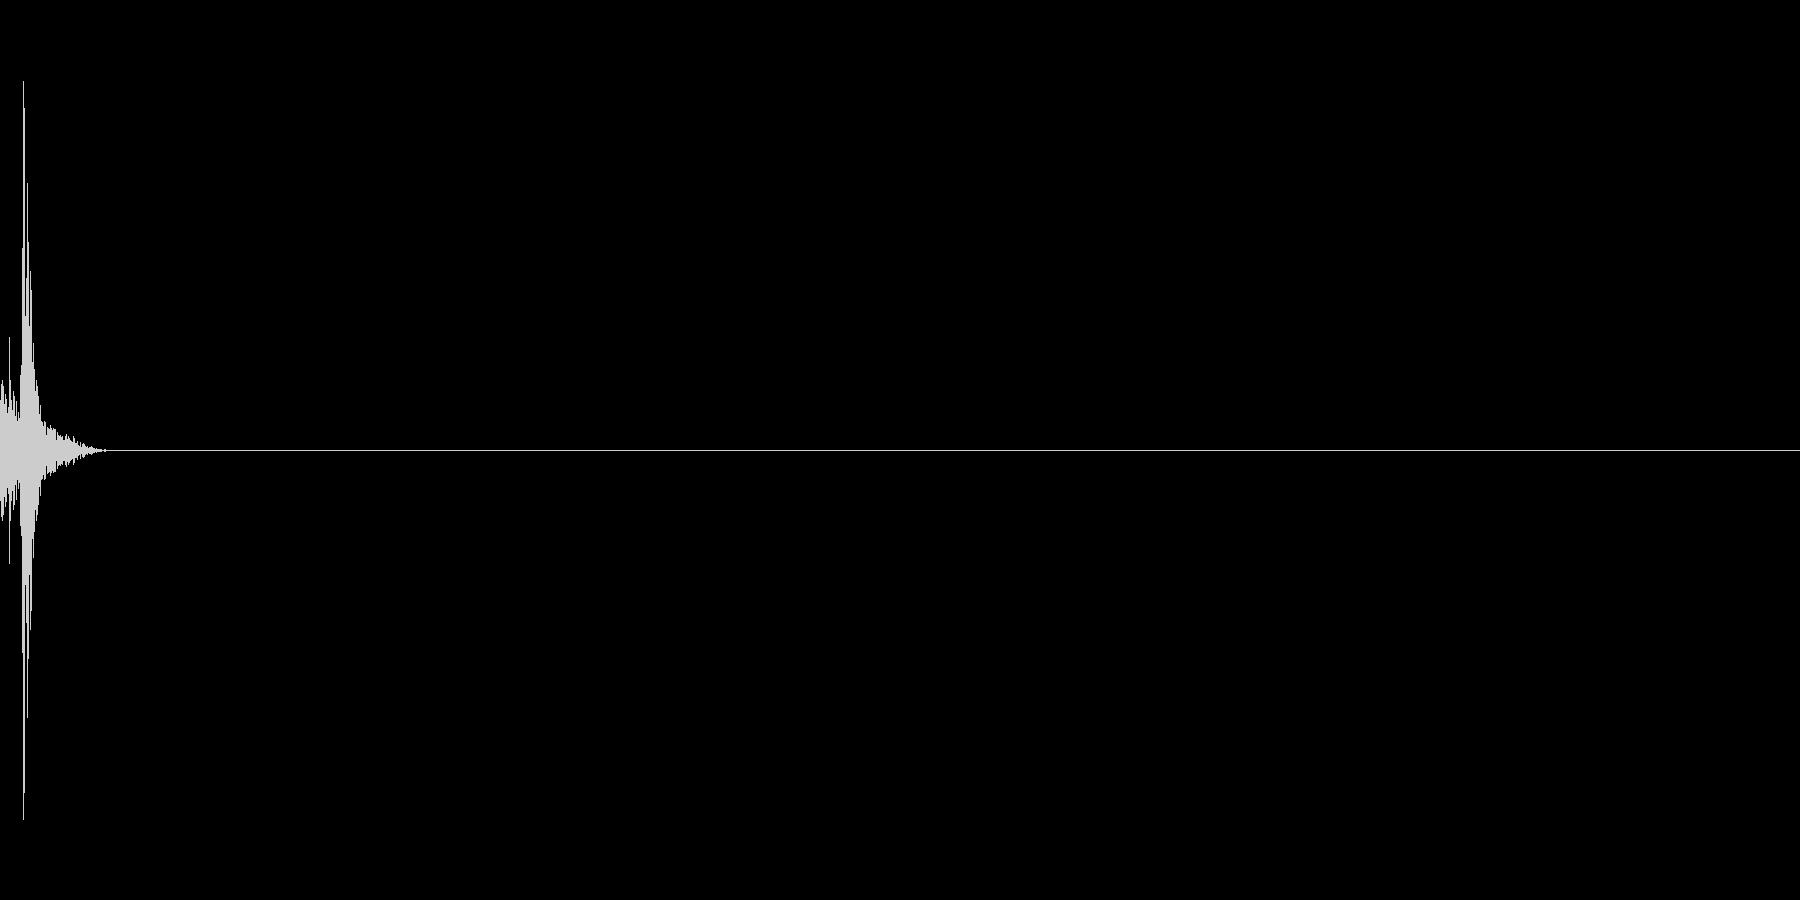 時計、タイマー、ストップウォッチ_C_2の未再生の波形